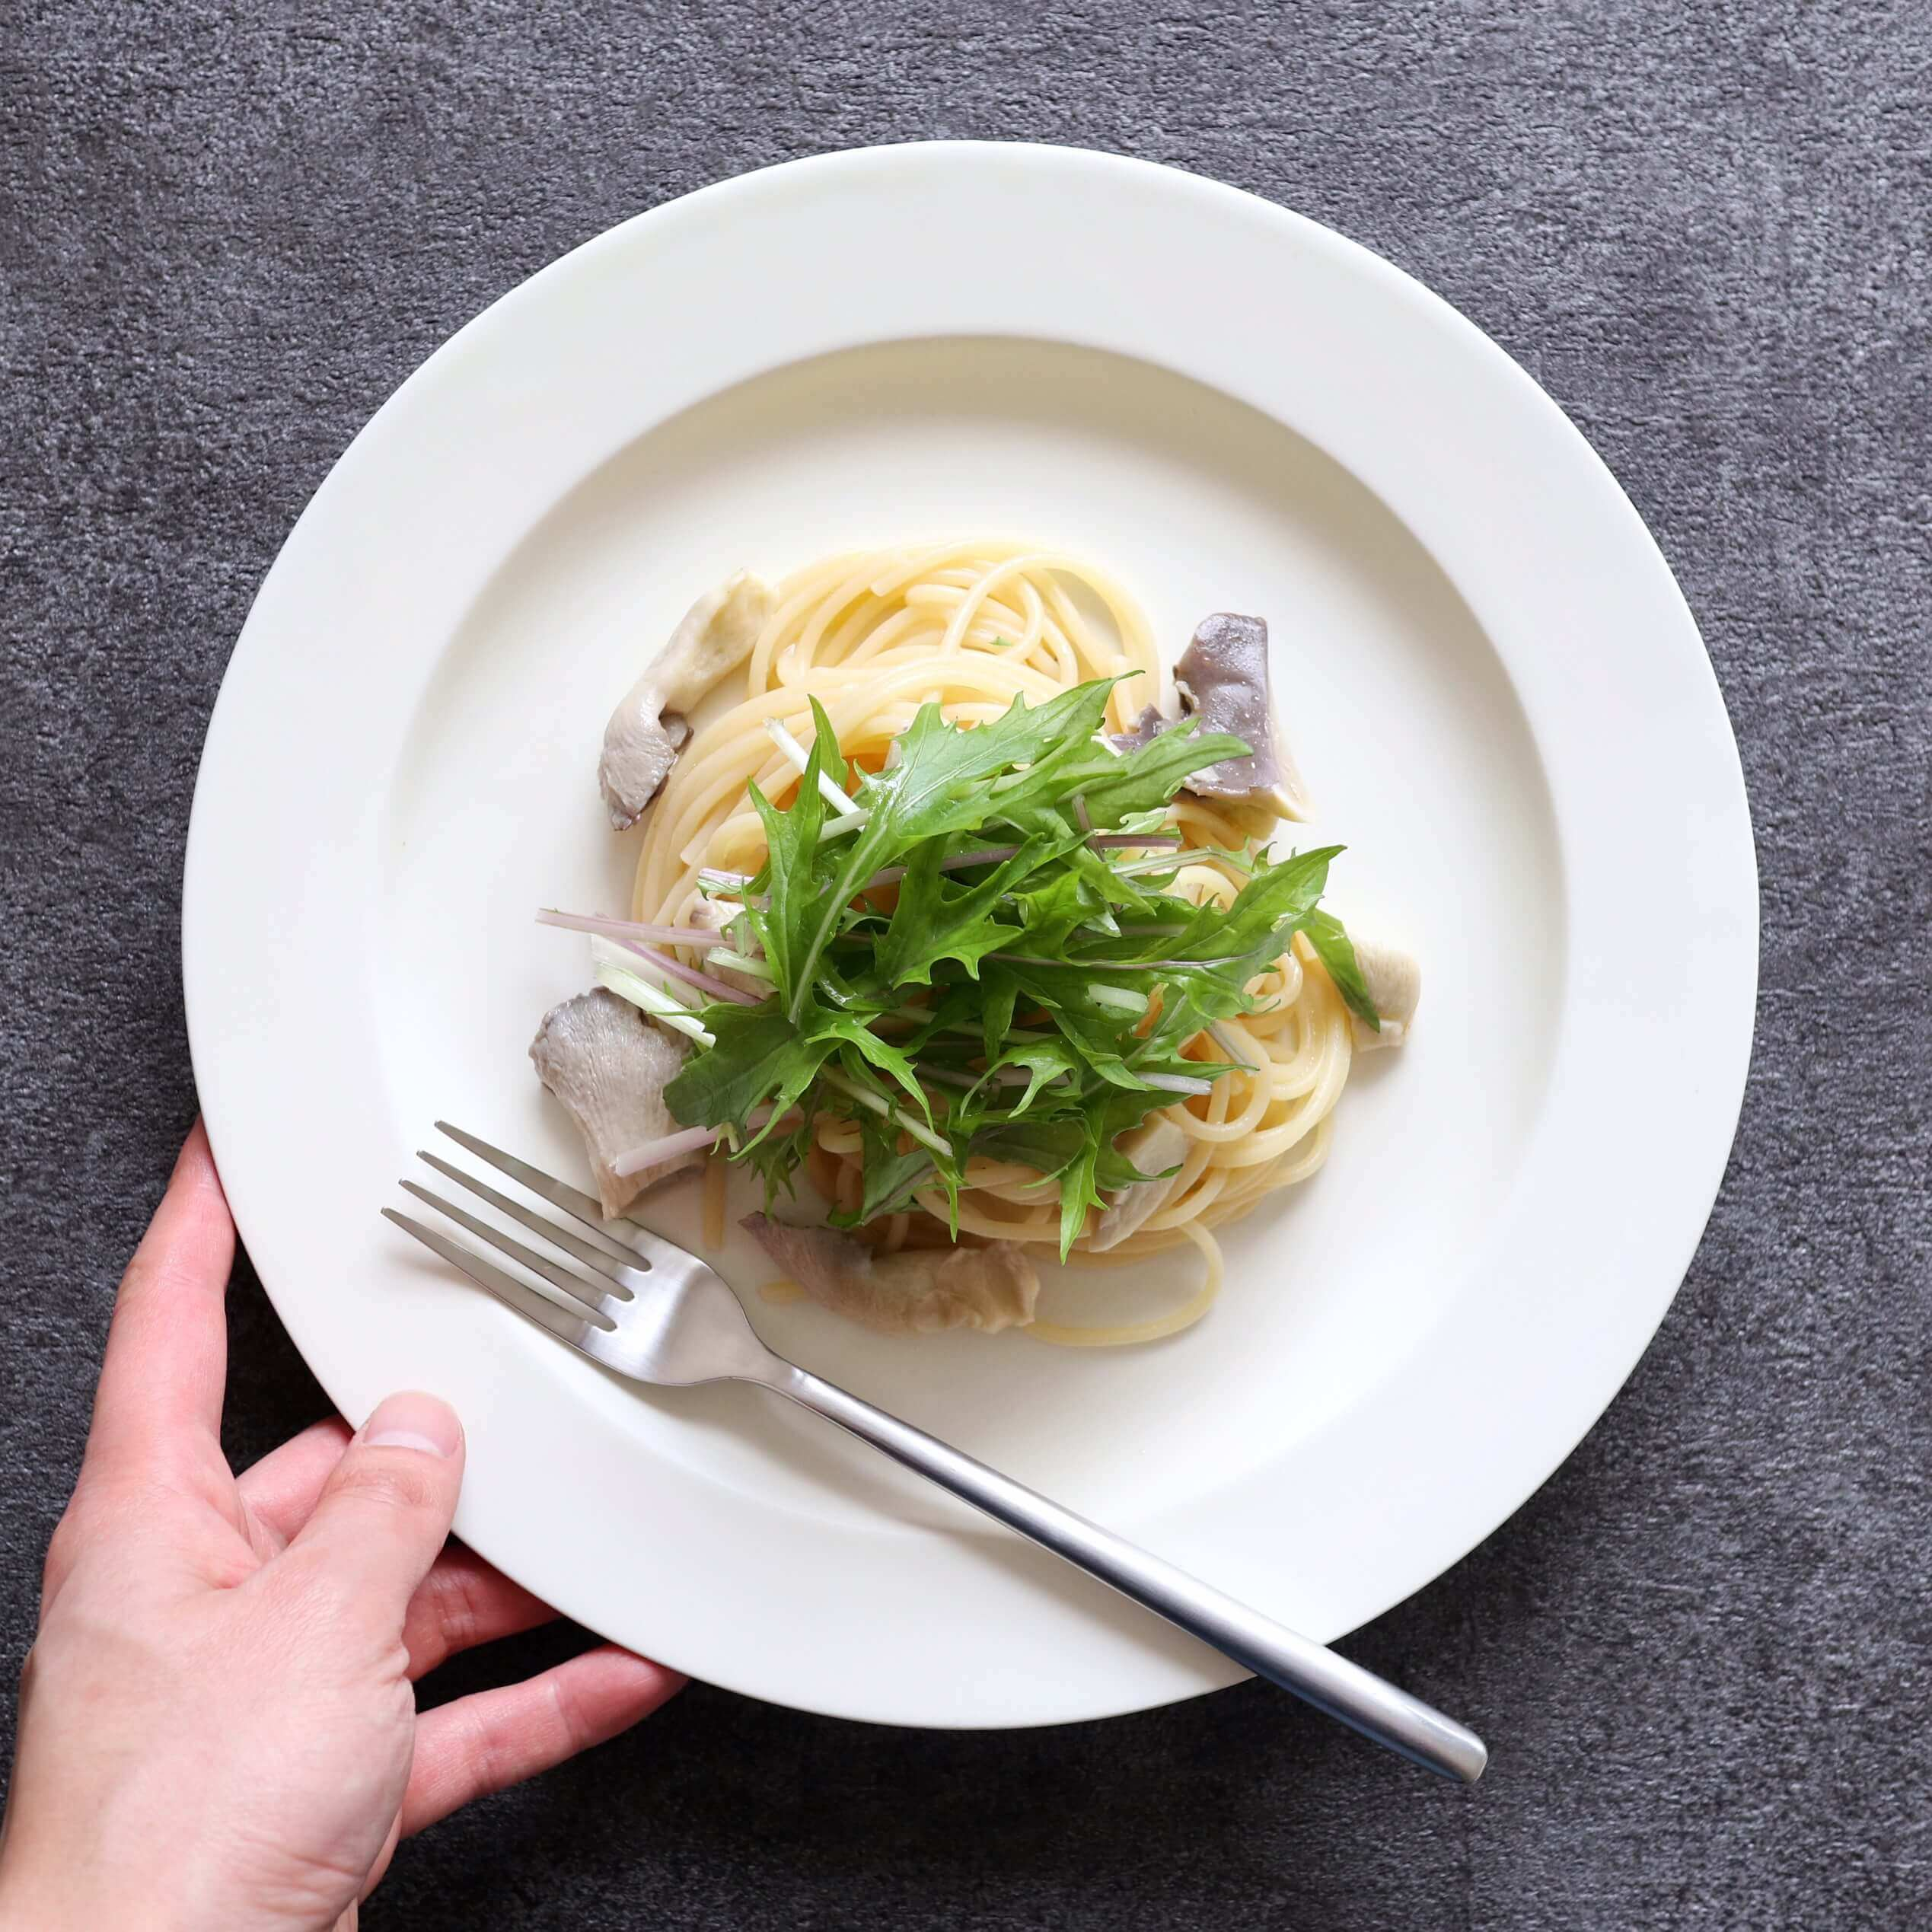 【絶品!】あわび茸と水菜の和風パスタのレシピ